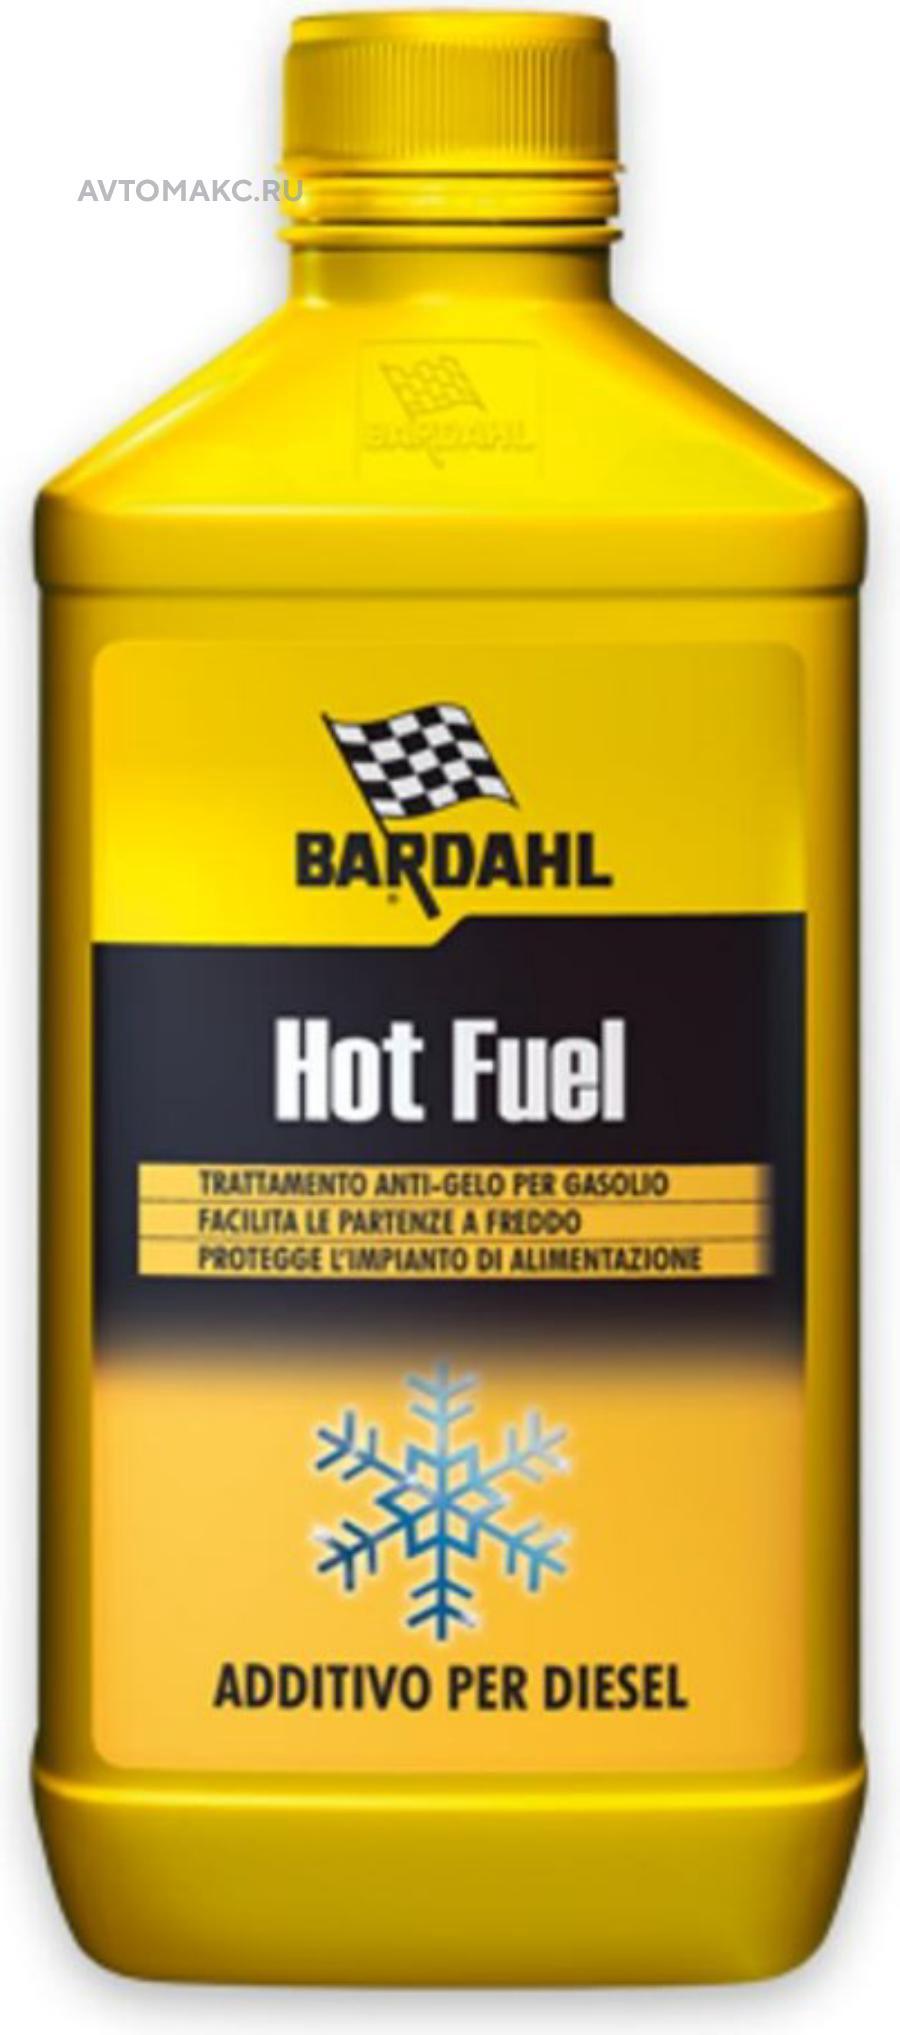 Добавка к дизельному топливу Hot Fuel, 1л. (121240)